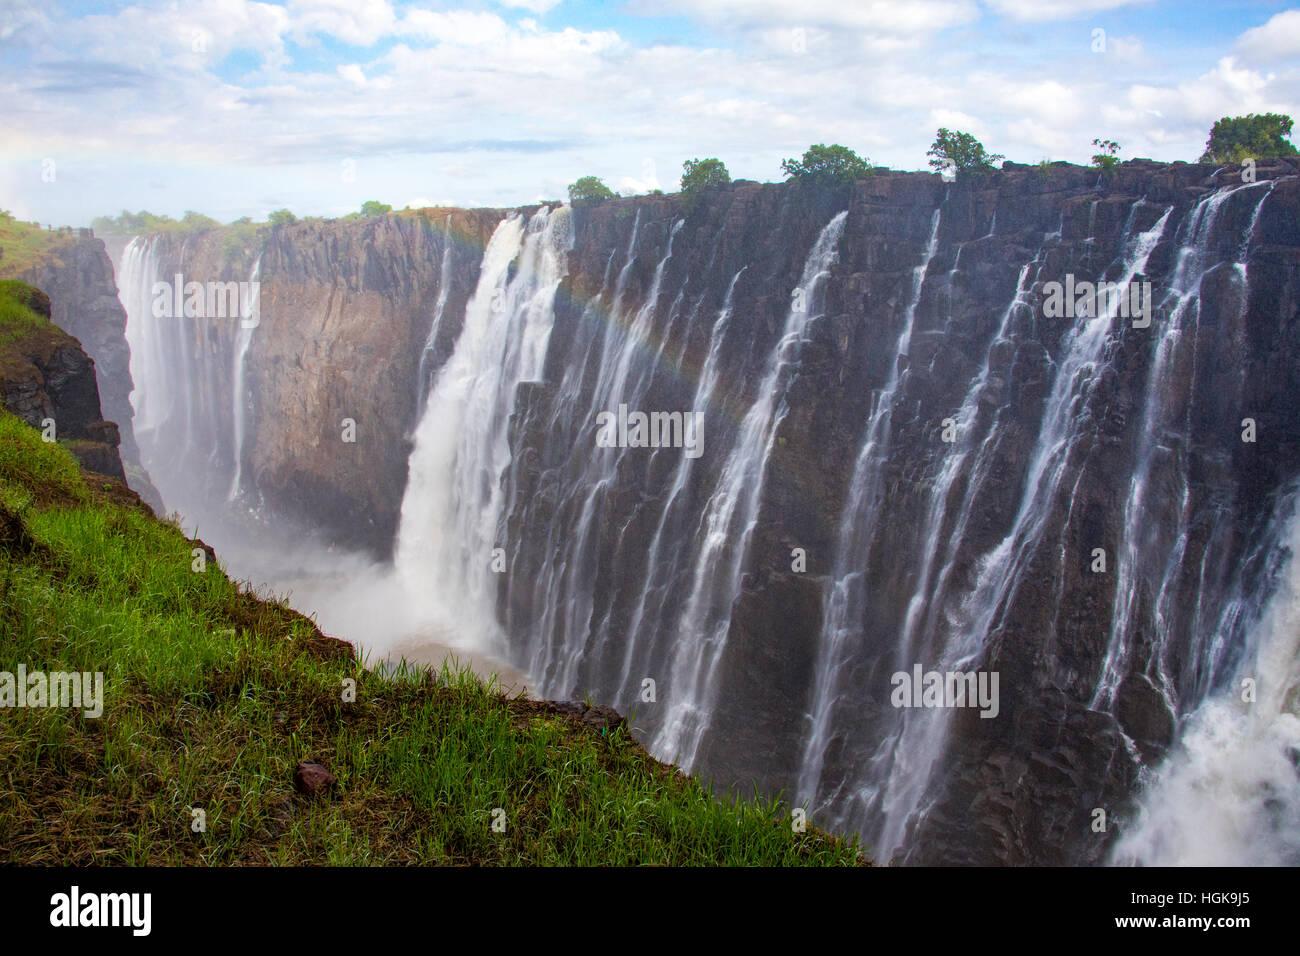 Las Cataratas Victoria, la frontera de Zambia y Zimbabwe. Imagen De Stock